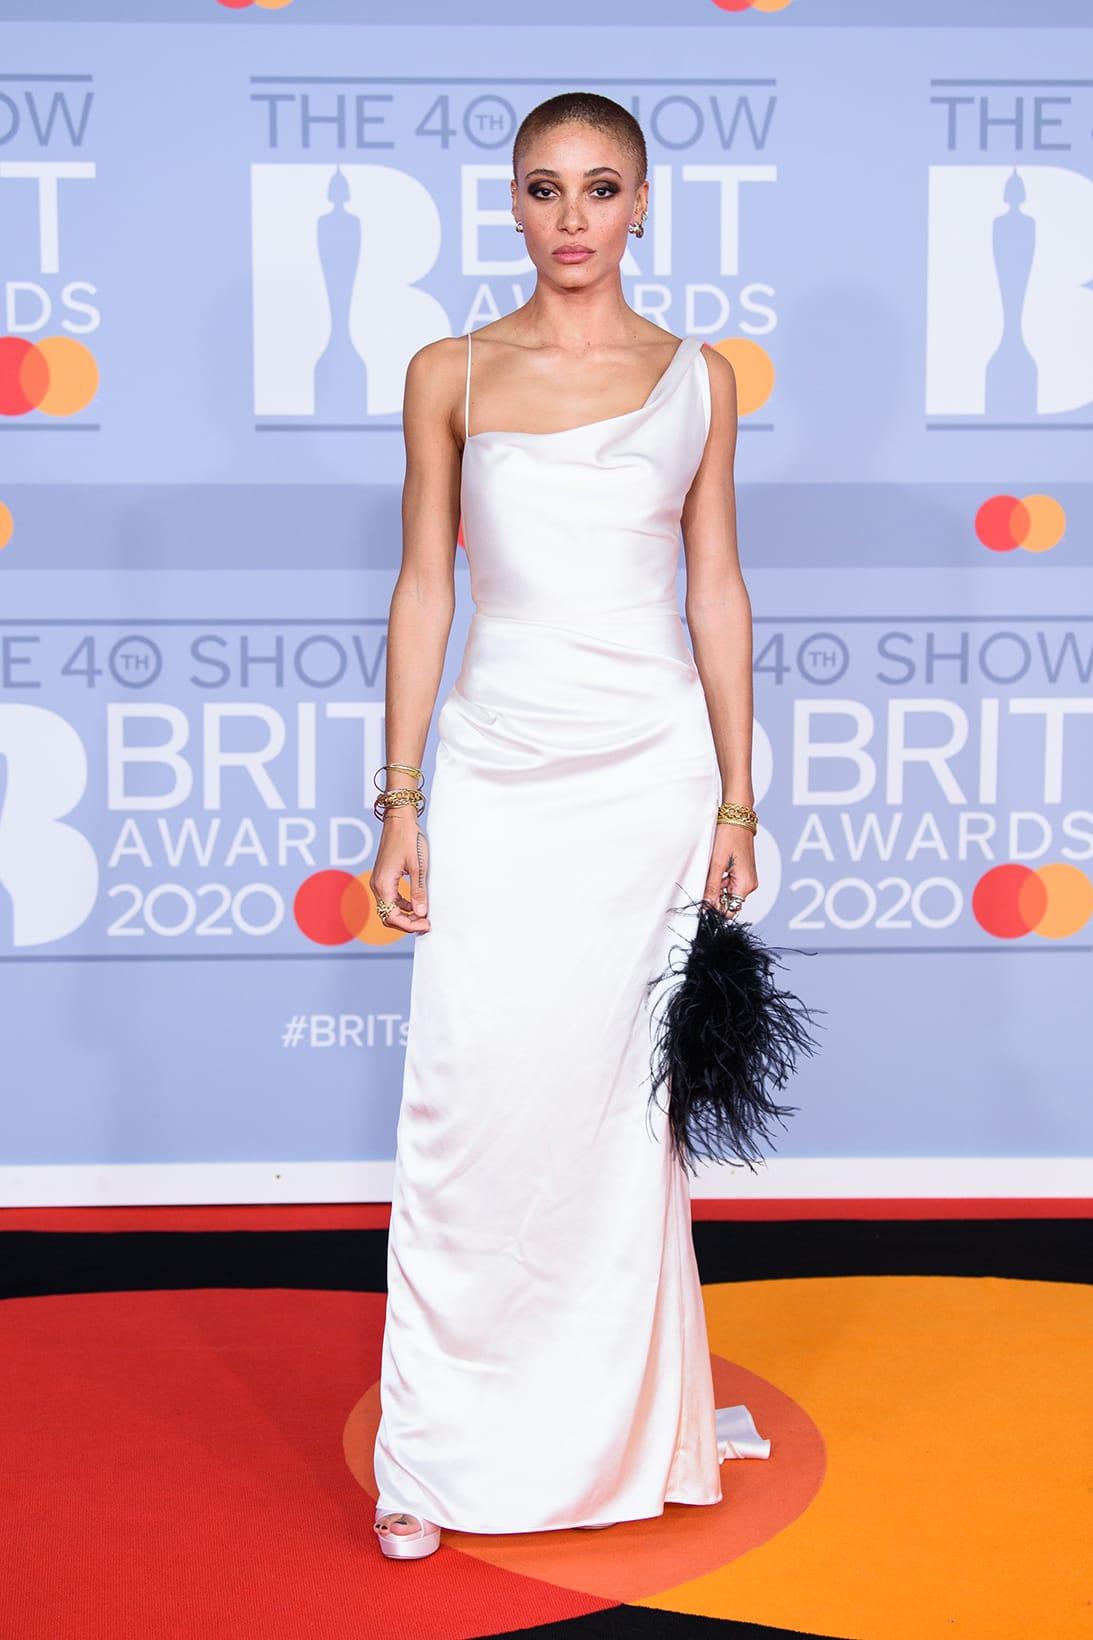 BRIT Awards Red Carpet Best Dressed